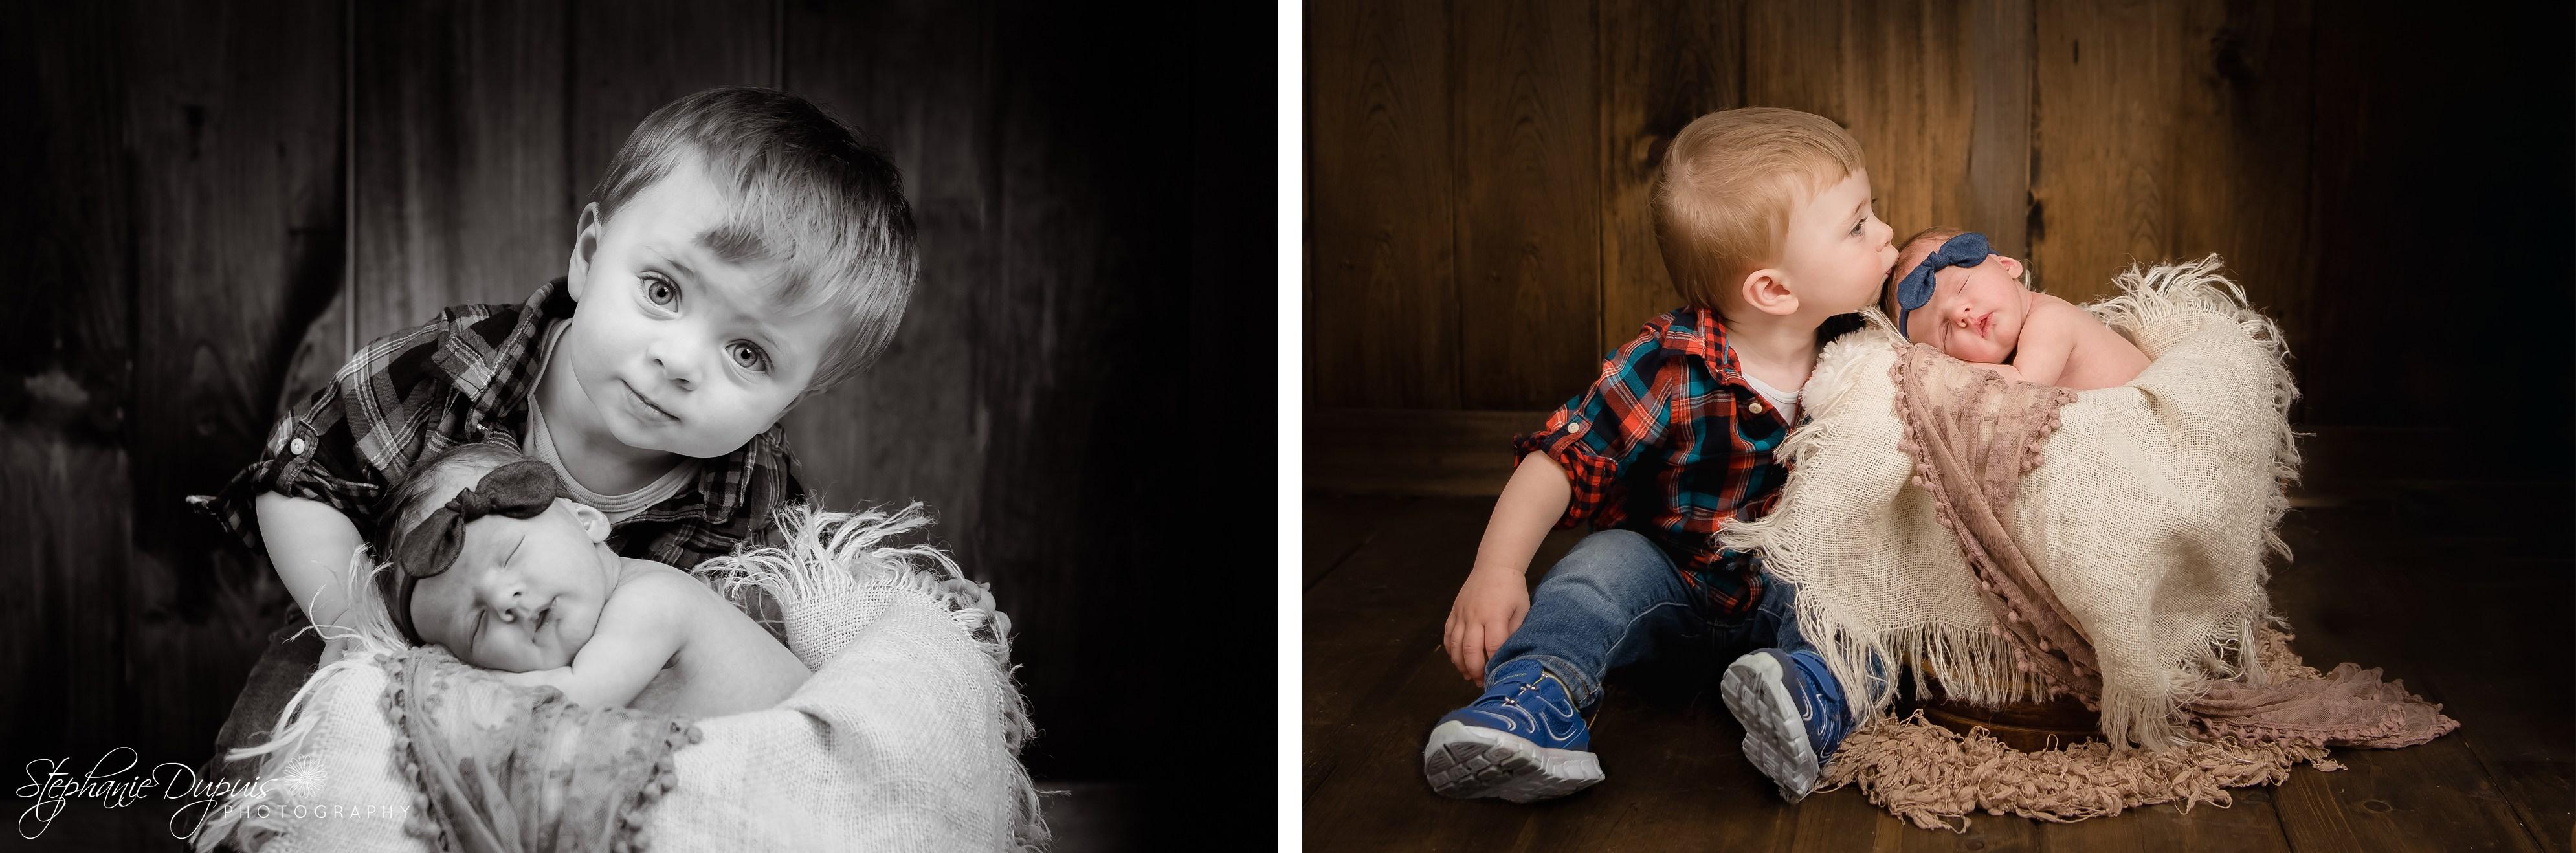 Abbott 1 - Portfolio: Khloe Newborn Session